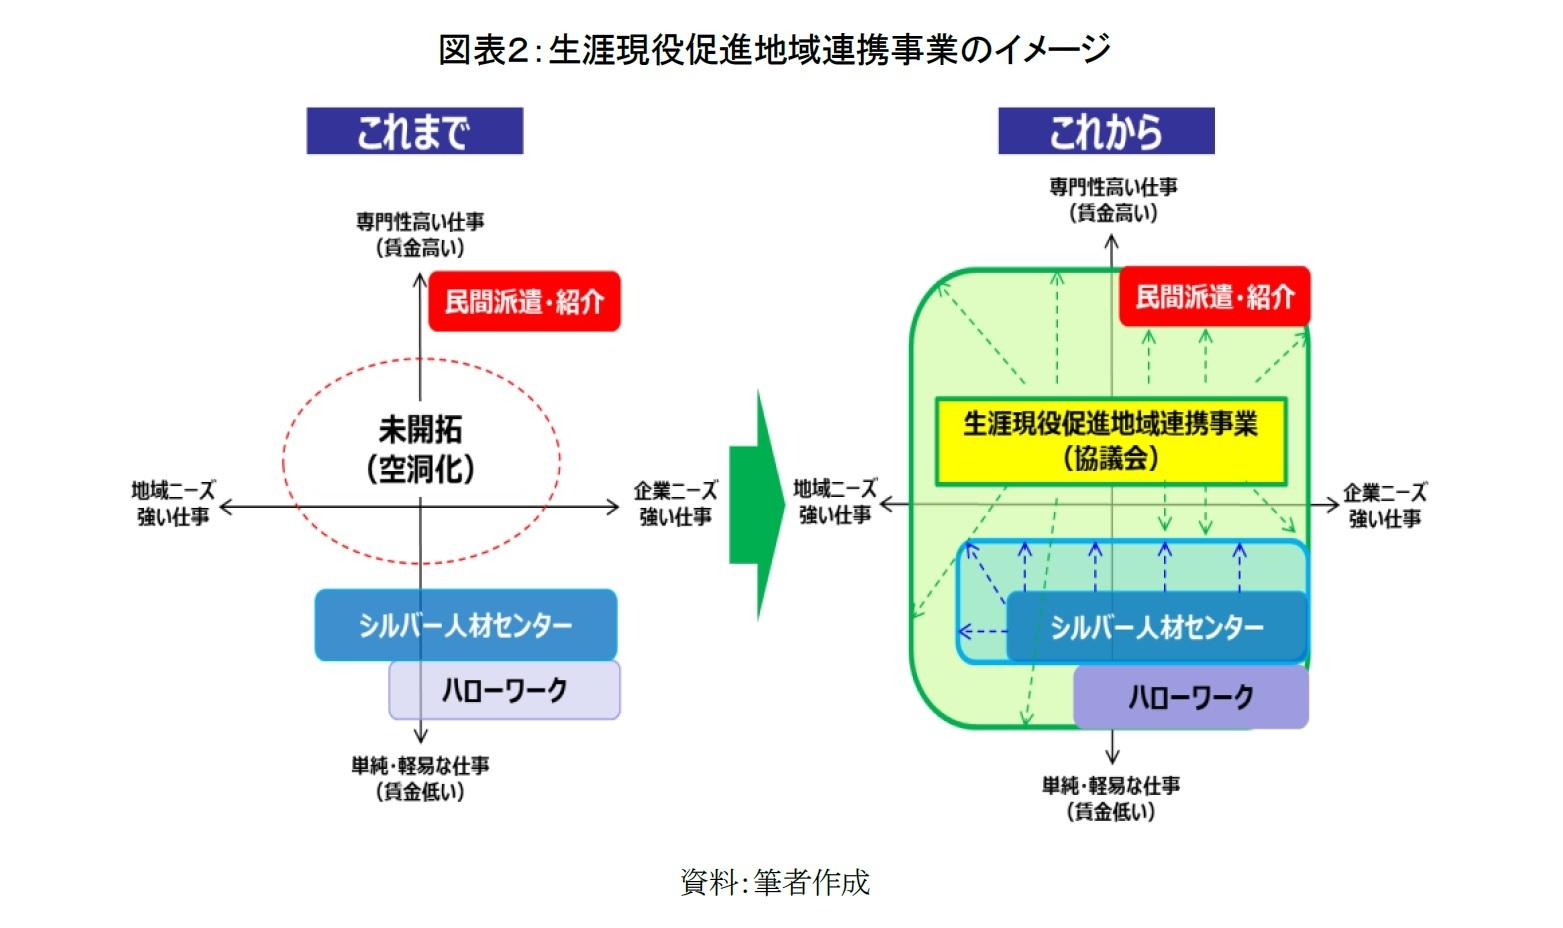 図表2:生涯現役促進地域連携事業のイメージ